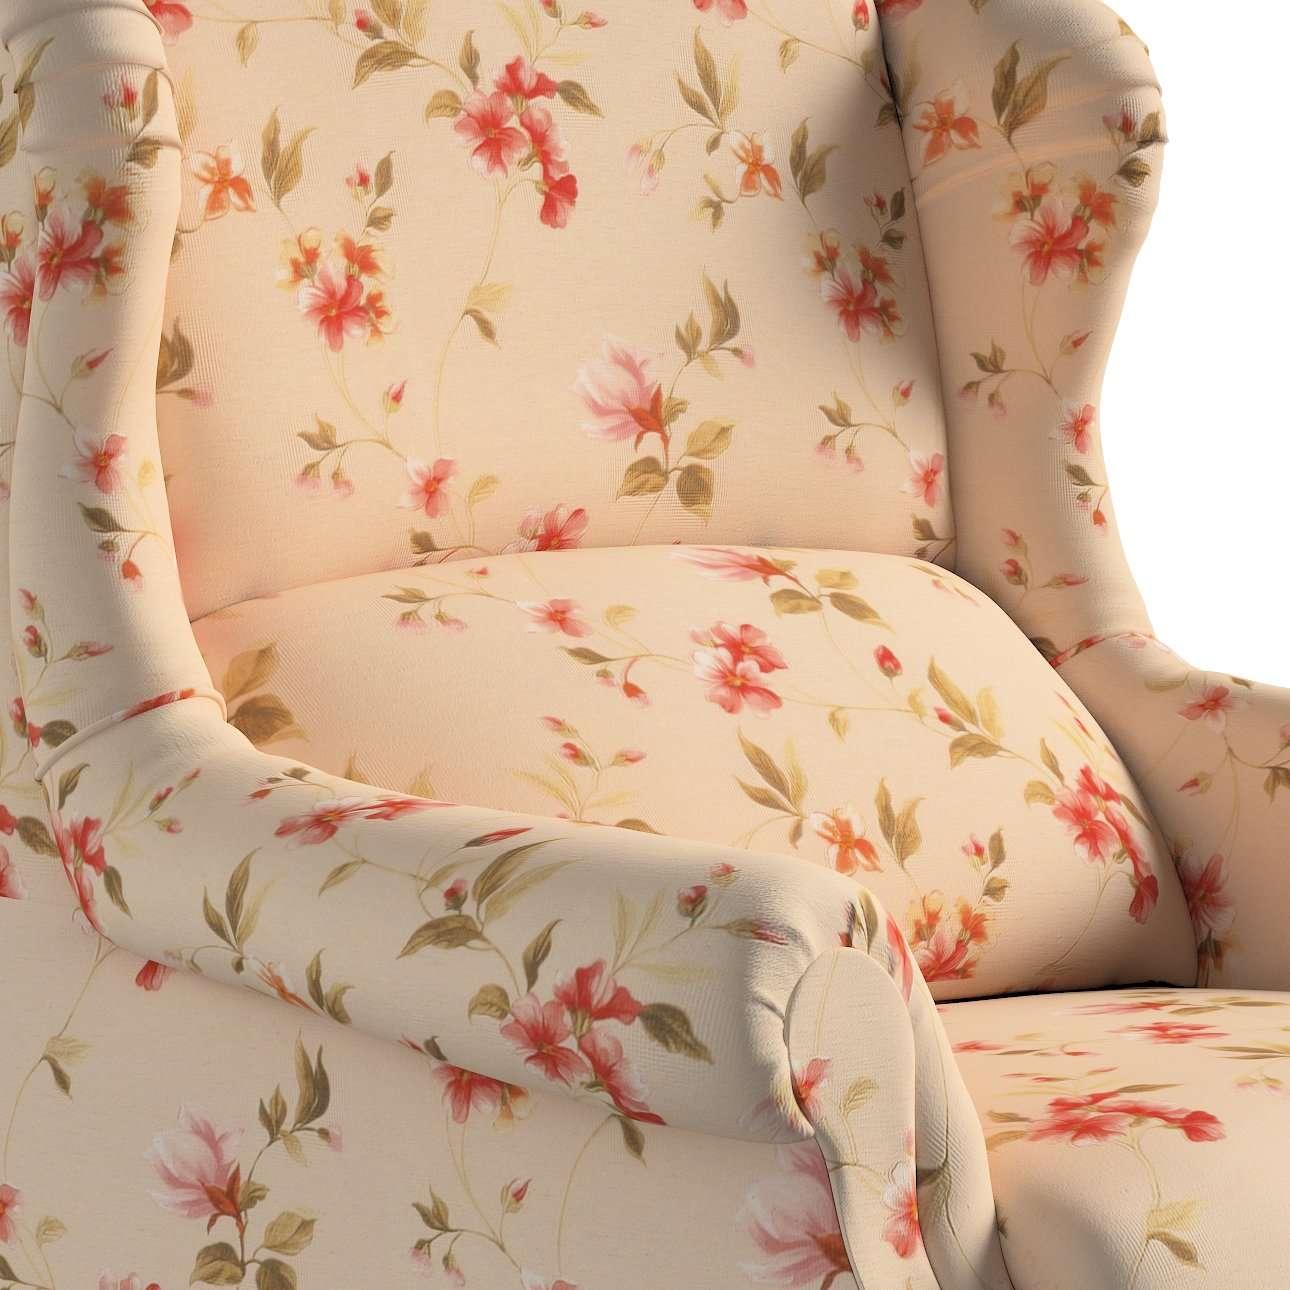 Sessel 85 x 107 cm von der Kollektion Londres, Stoff: 124-05